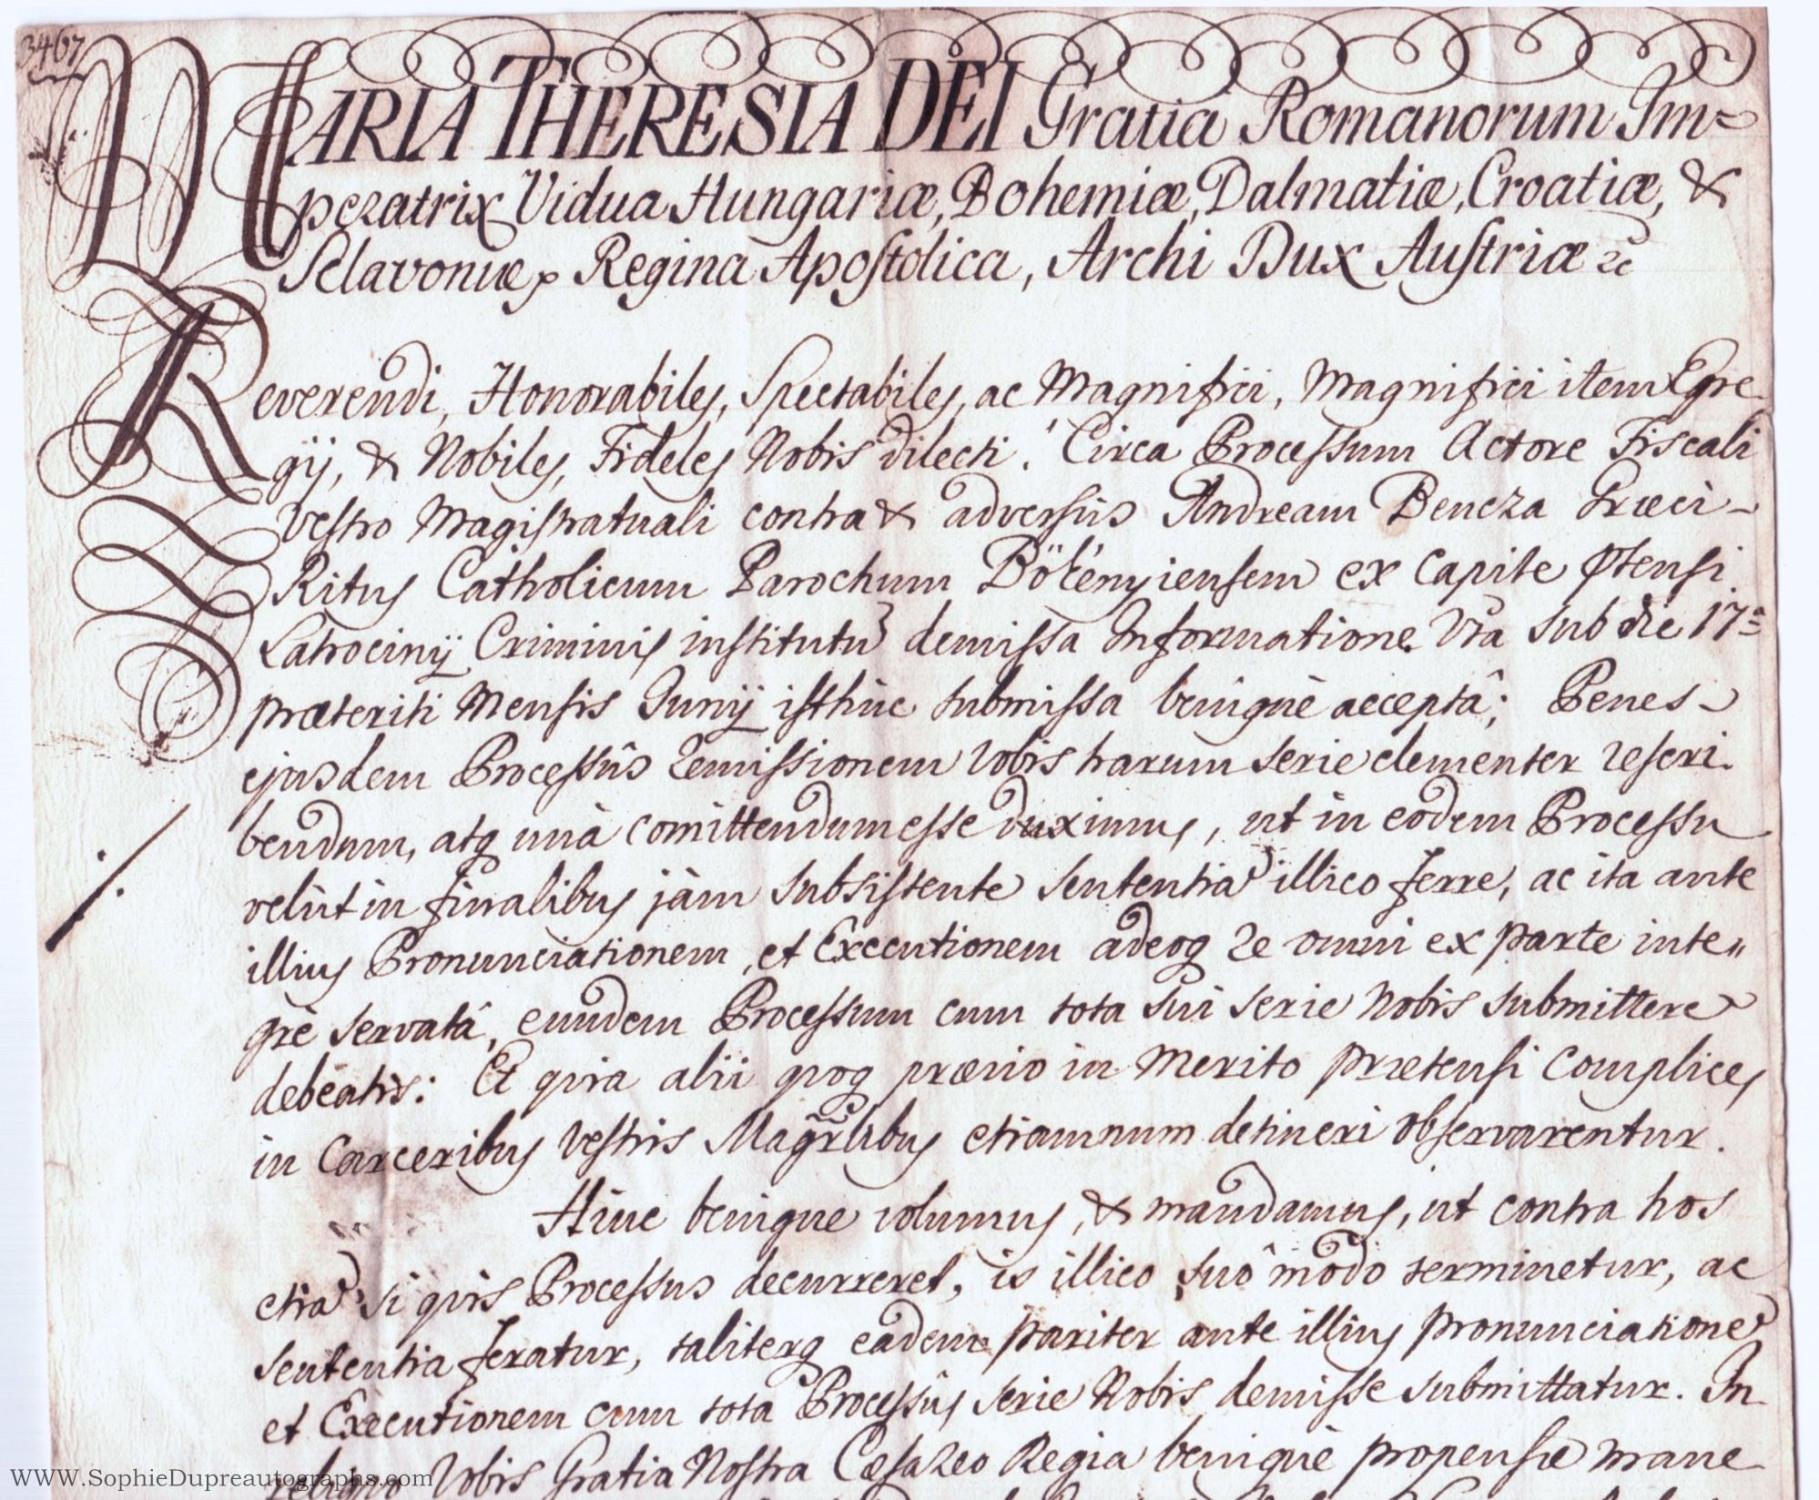 viaLibri ~ Rare Books from 1777 - Page 7